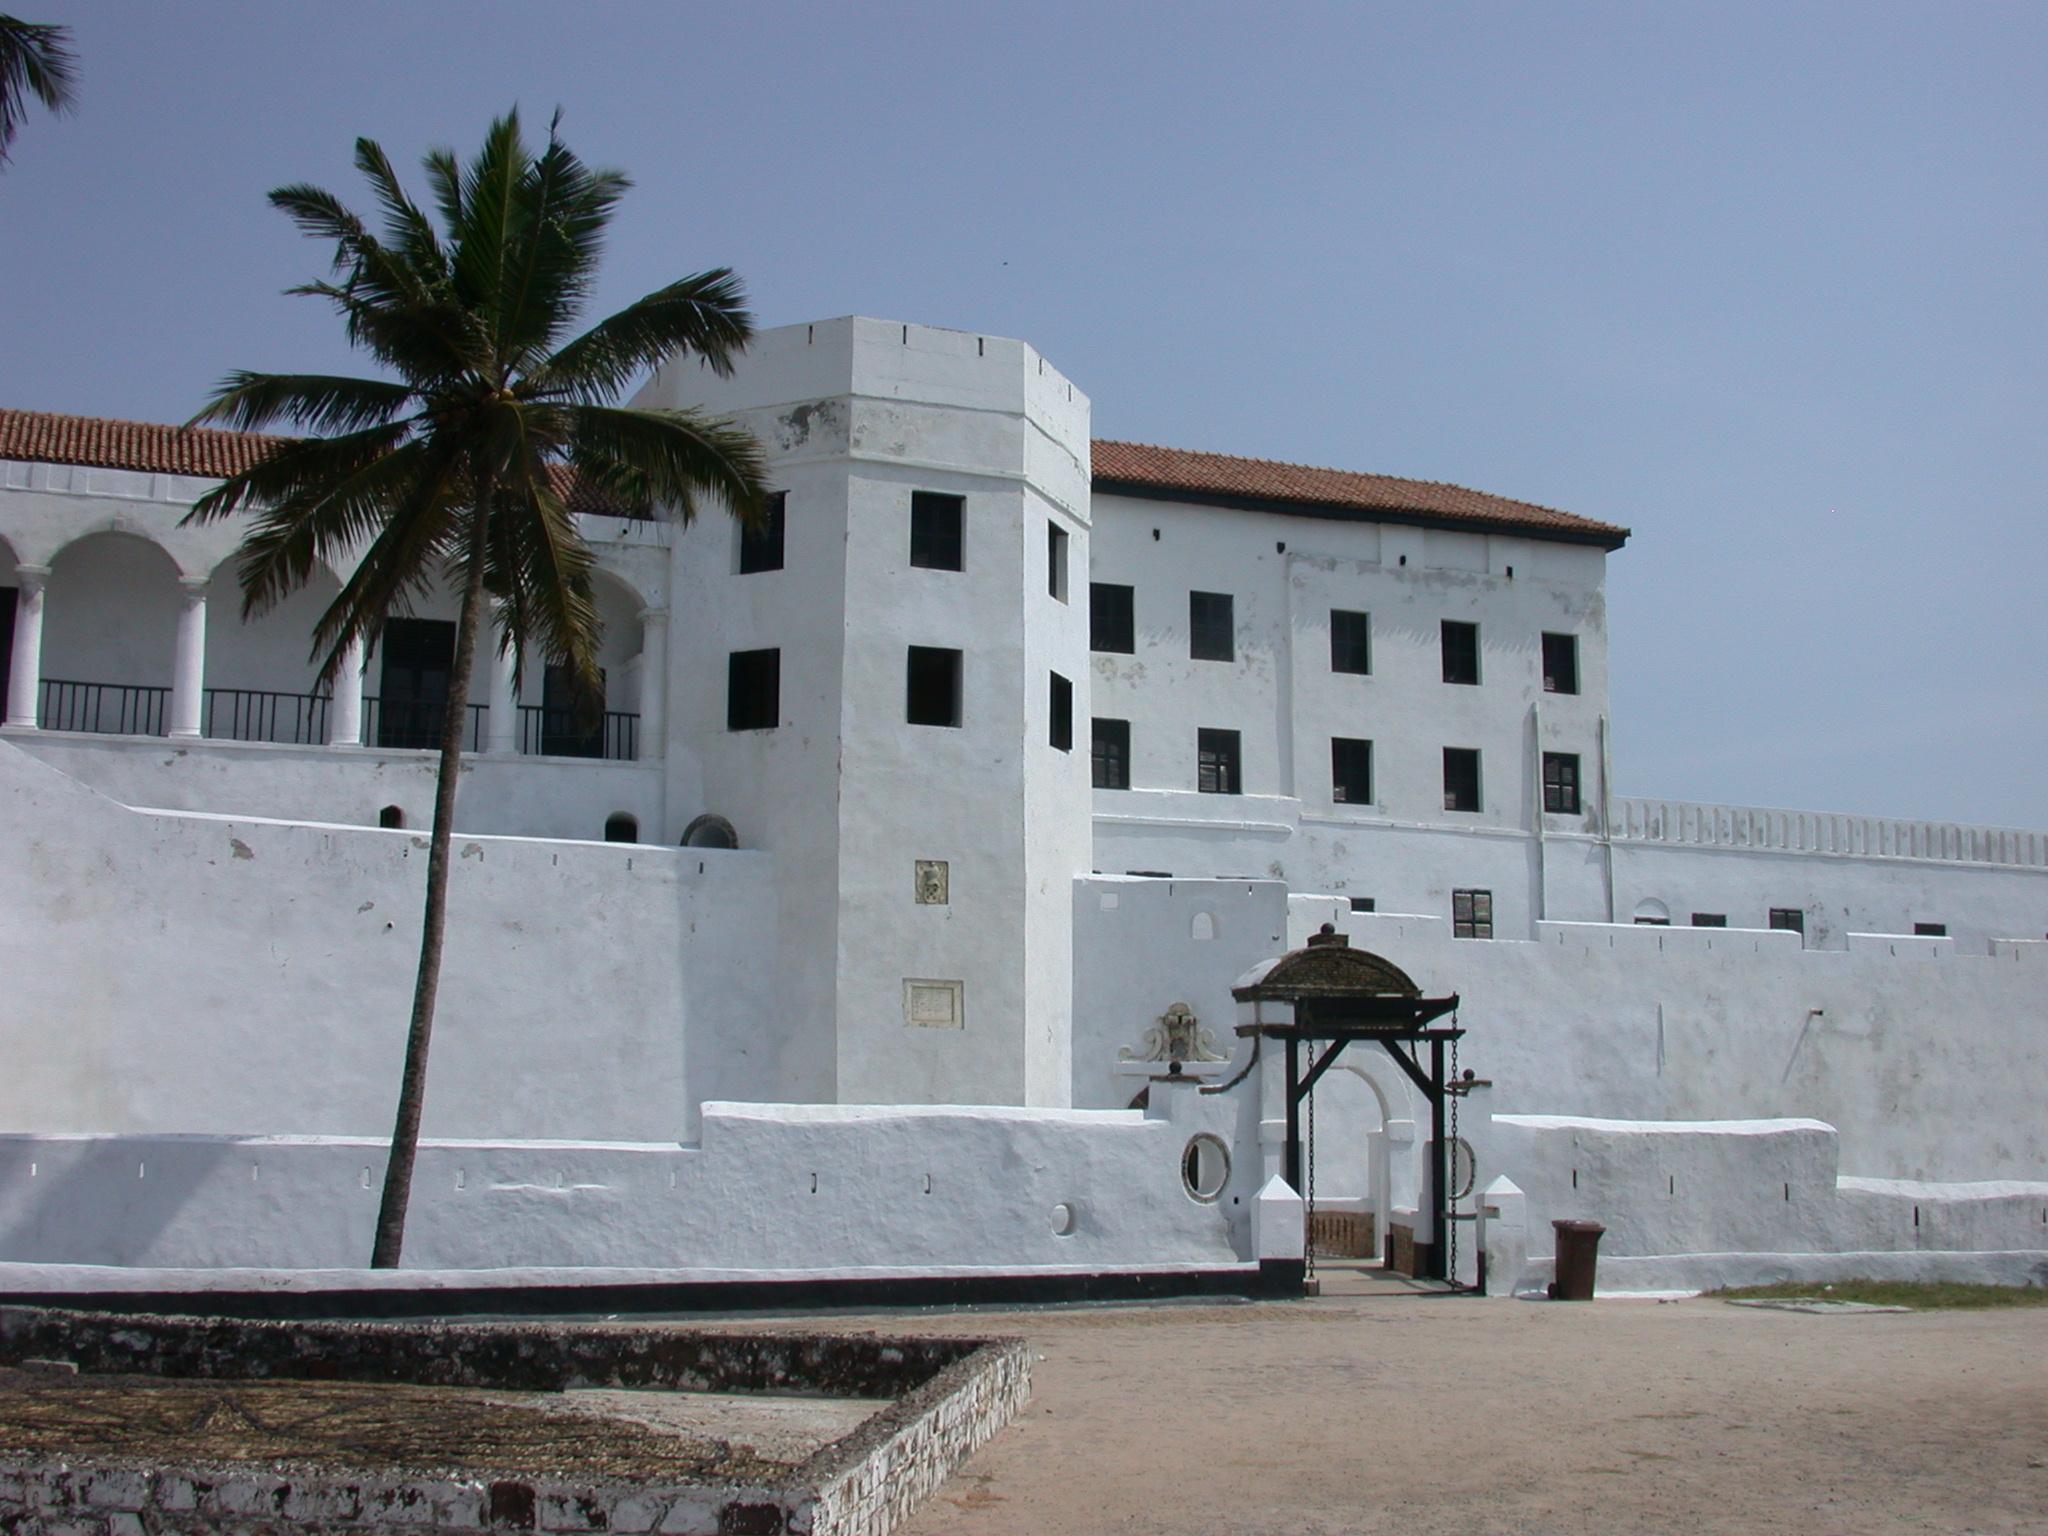 Entrance of Elmina Slave Fort, Elmina, Ghana